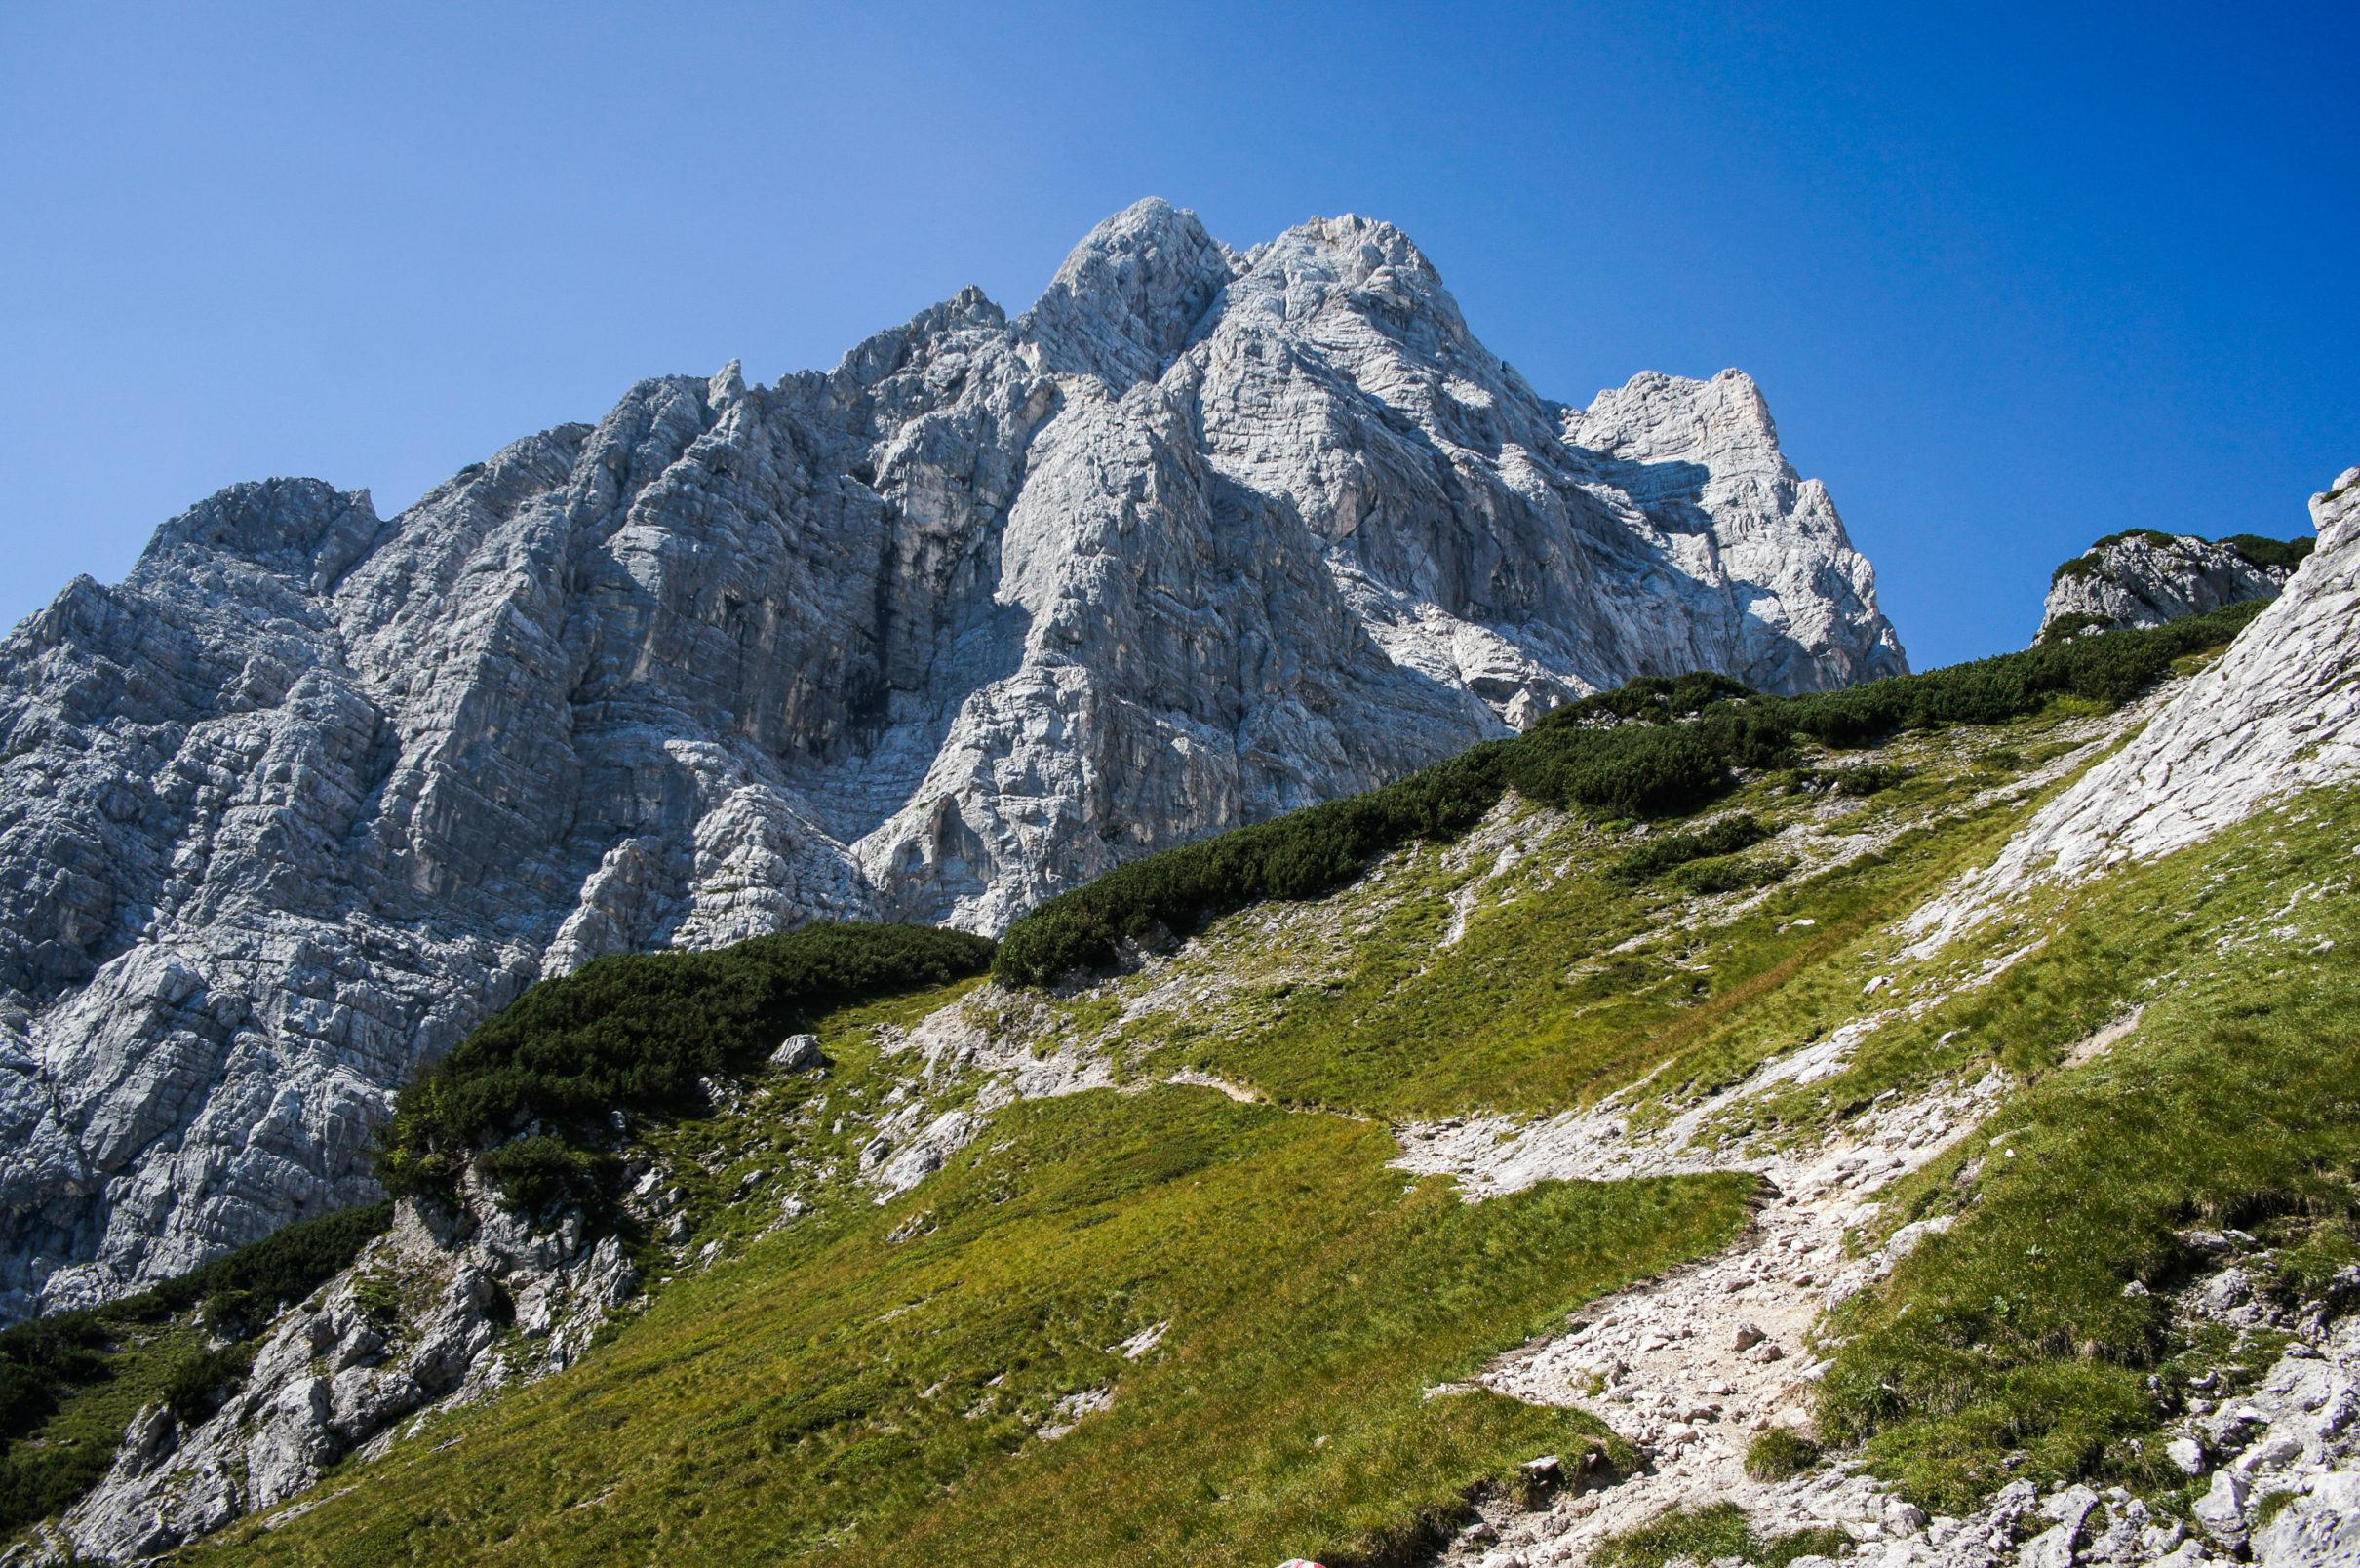 Klettersteig Croda Dei Toni : Alpspitz klettersteig ferrata bergsteiger stürzt meter